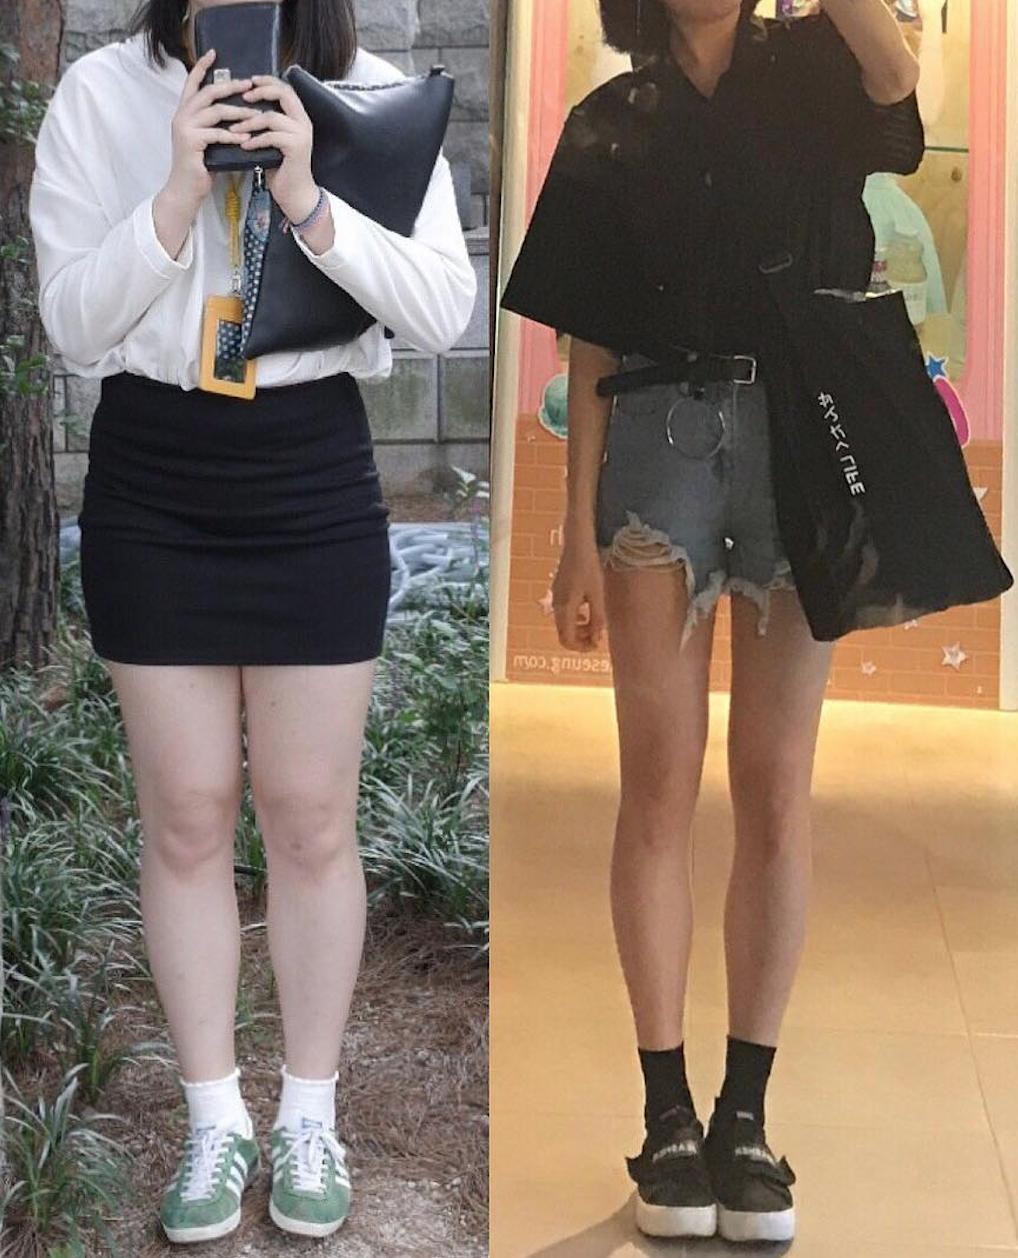 瘦20公斤前后照片对比